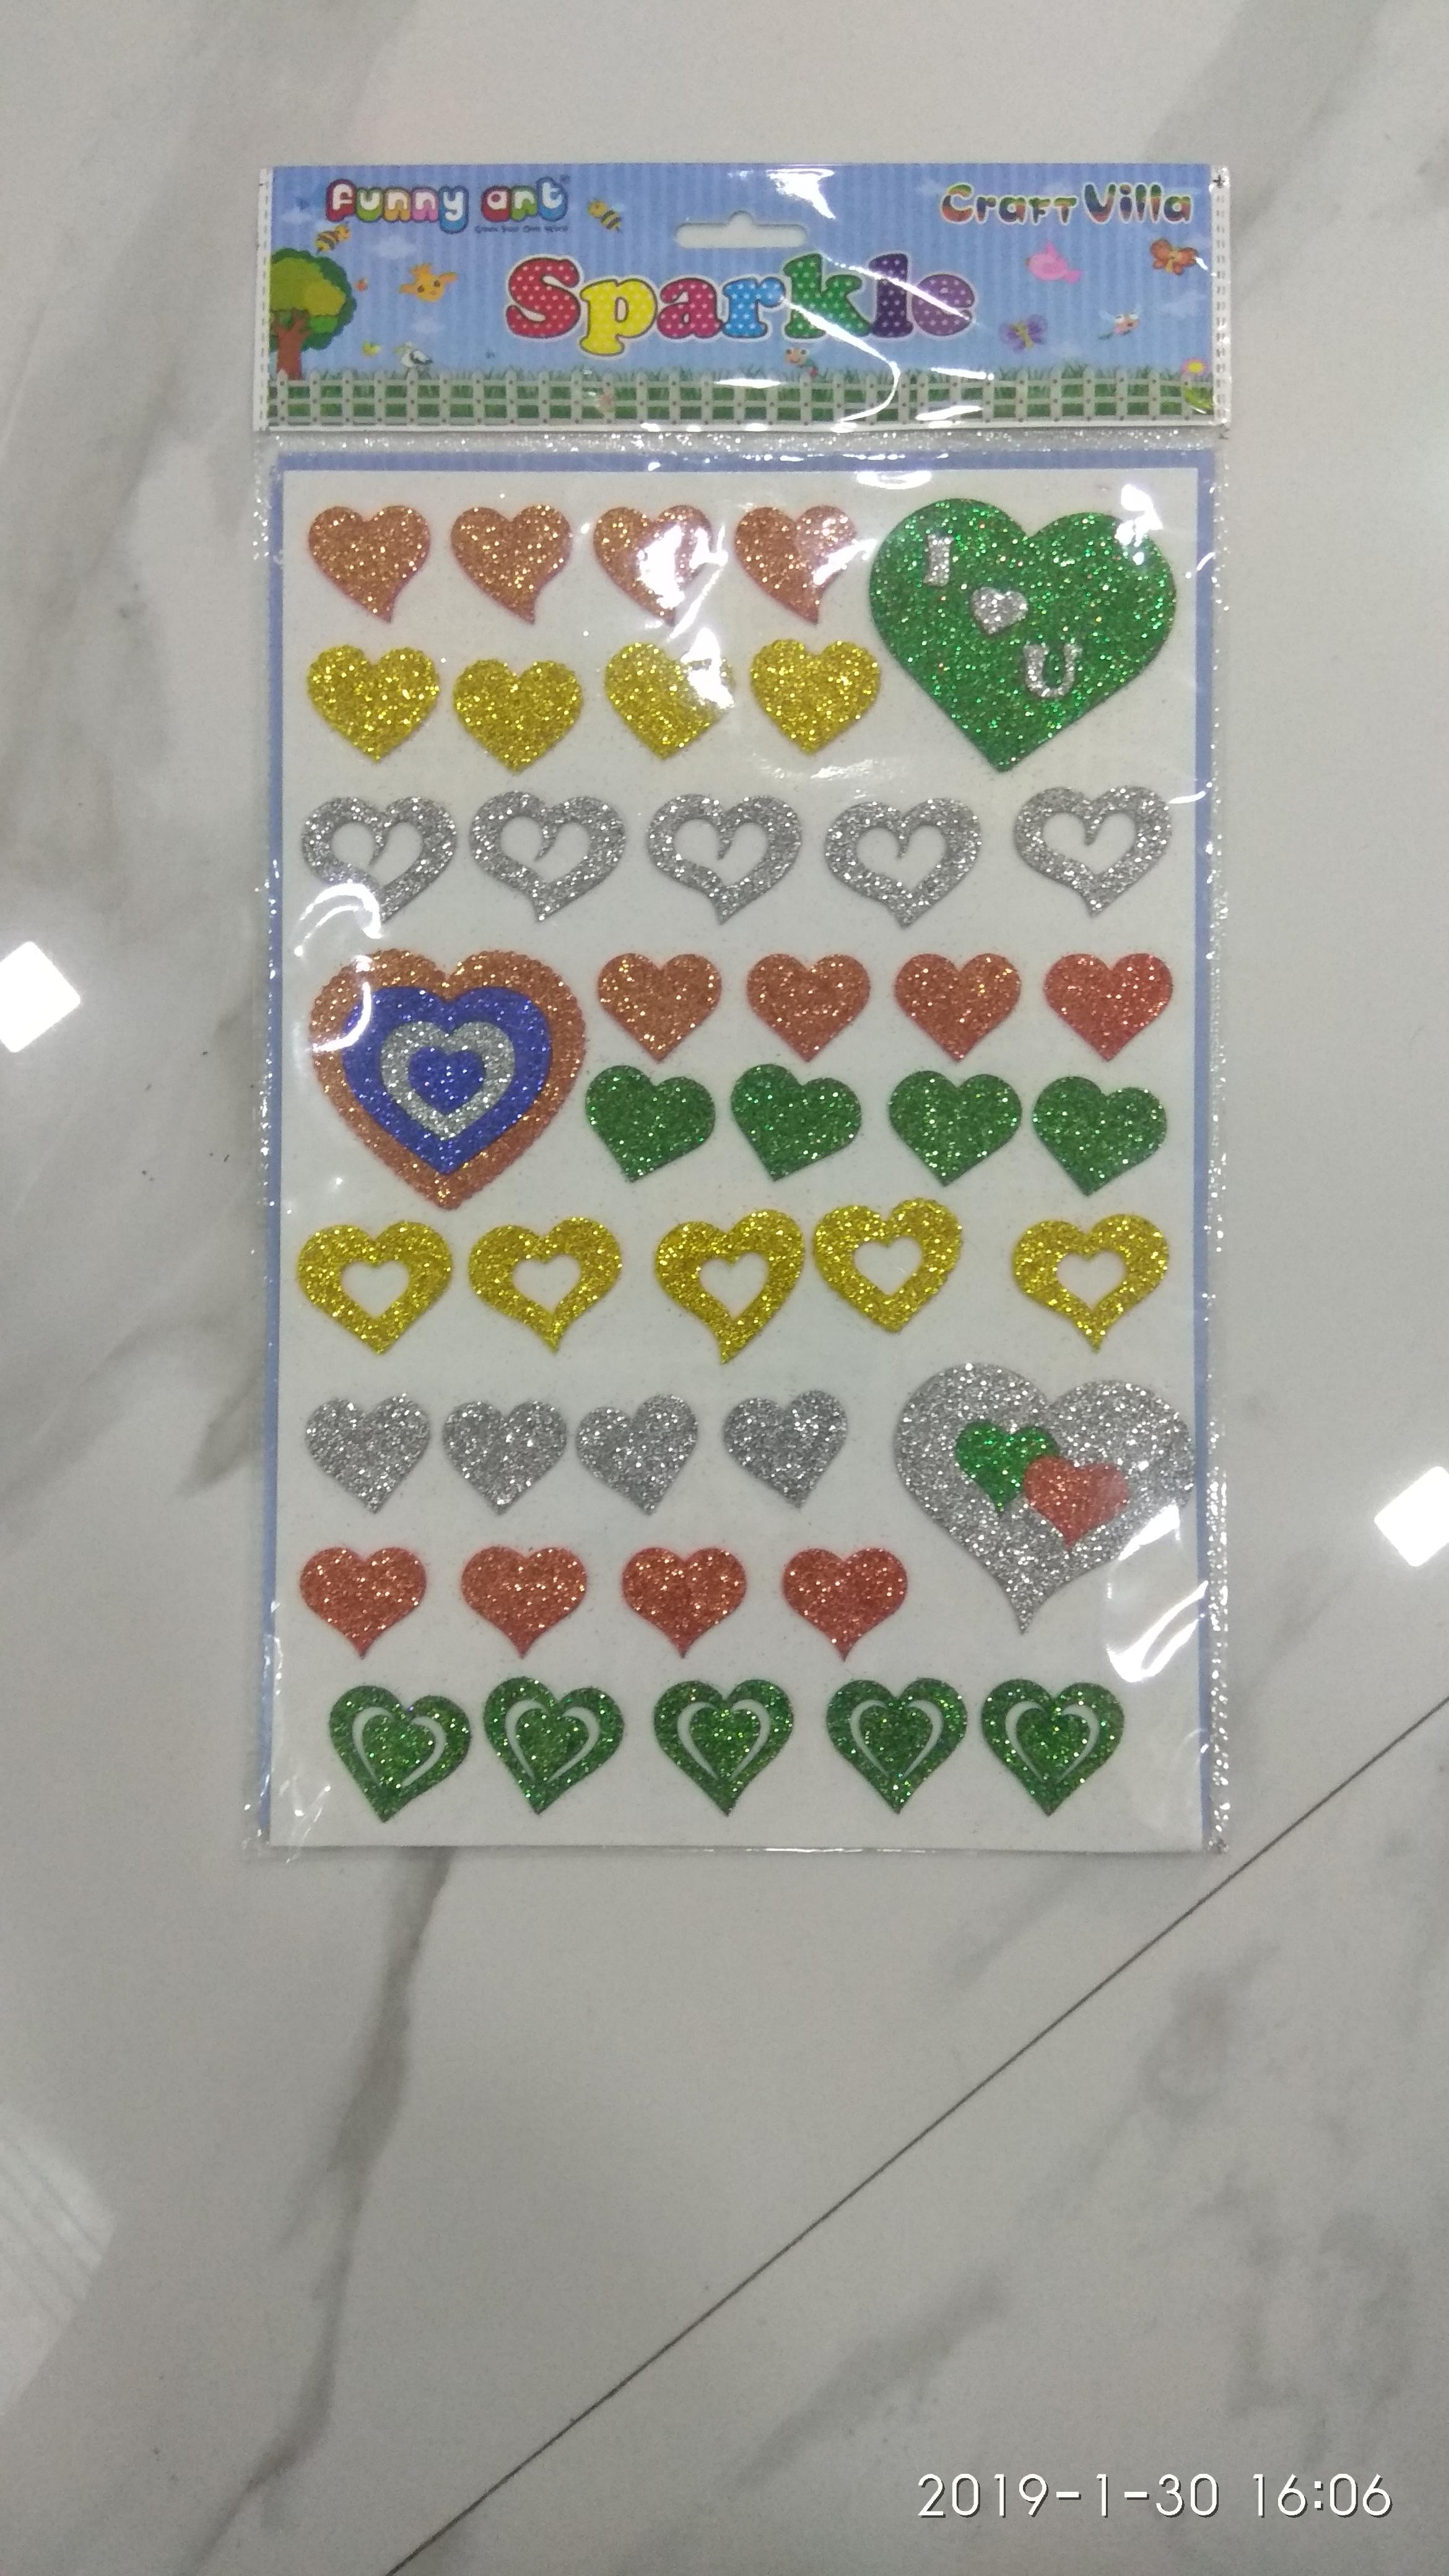 Craft Villa Sparkle Heart Glitter Sticker